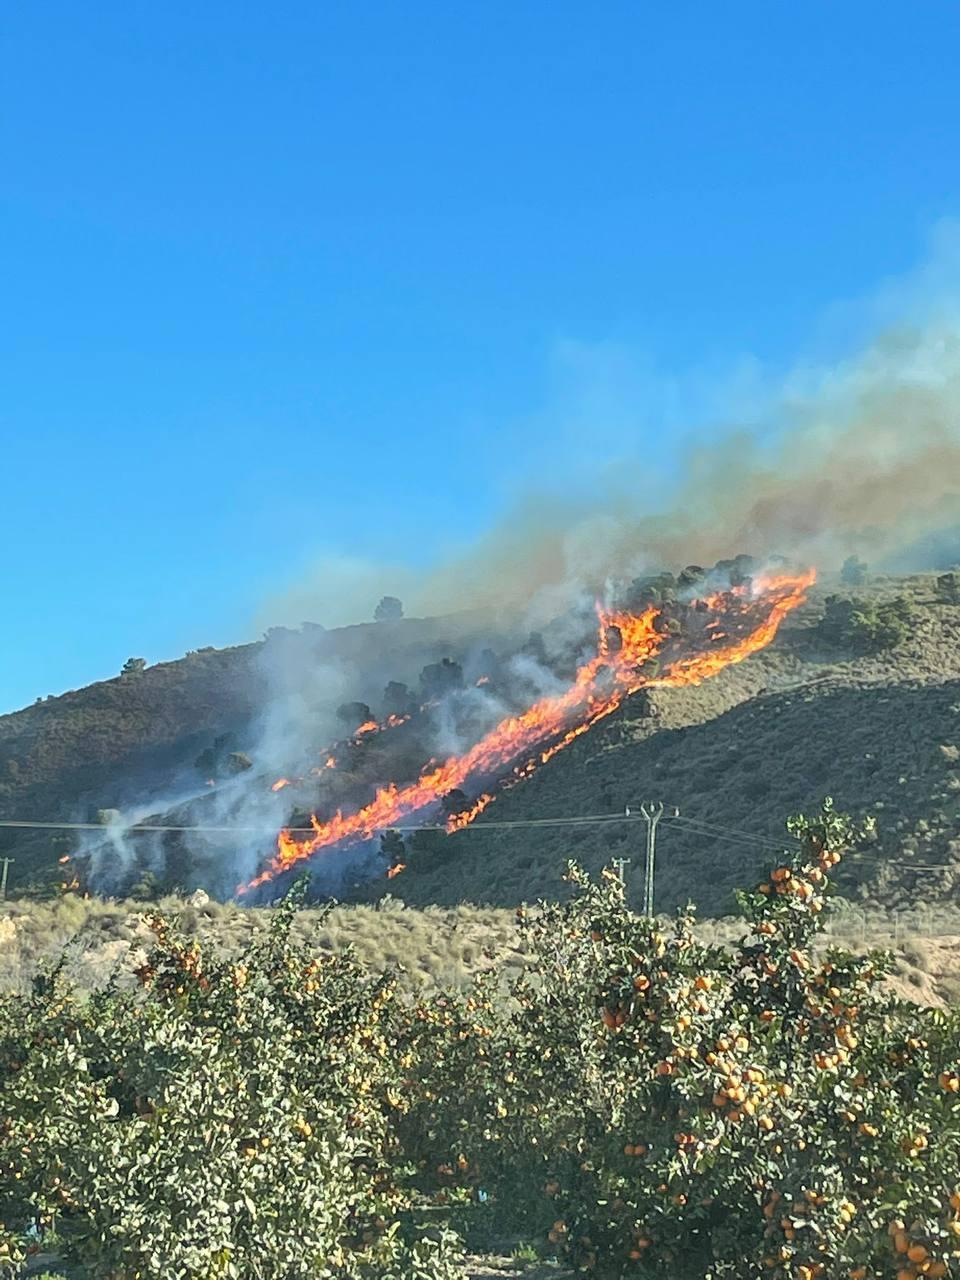 Imagen cedida por la Unidad de Defensa contra los Incendios Forestales de la Dirección General del Medio Natural